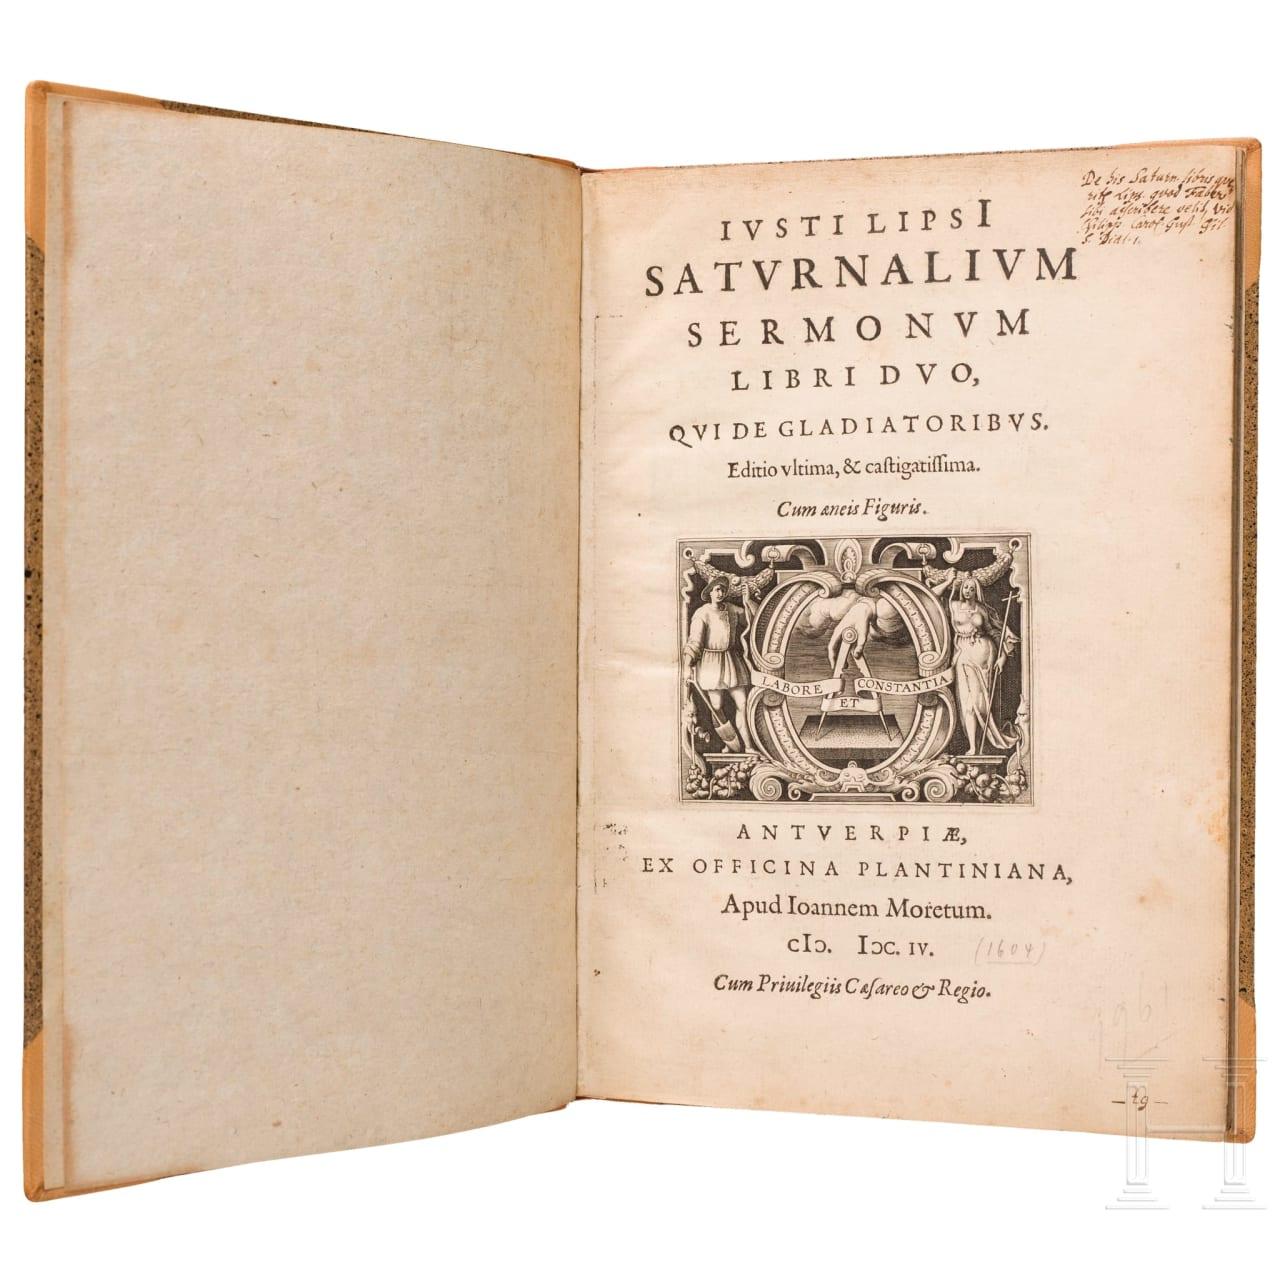 """Iustus Lipsius, """"Saturnalium Sermonum Libri Duo, Qui de Gladiatoribus"""", Antwerpen, 1604"""